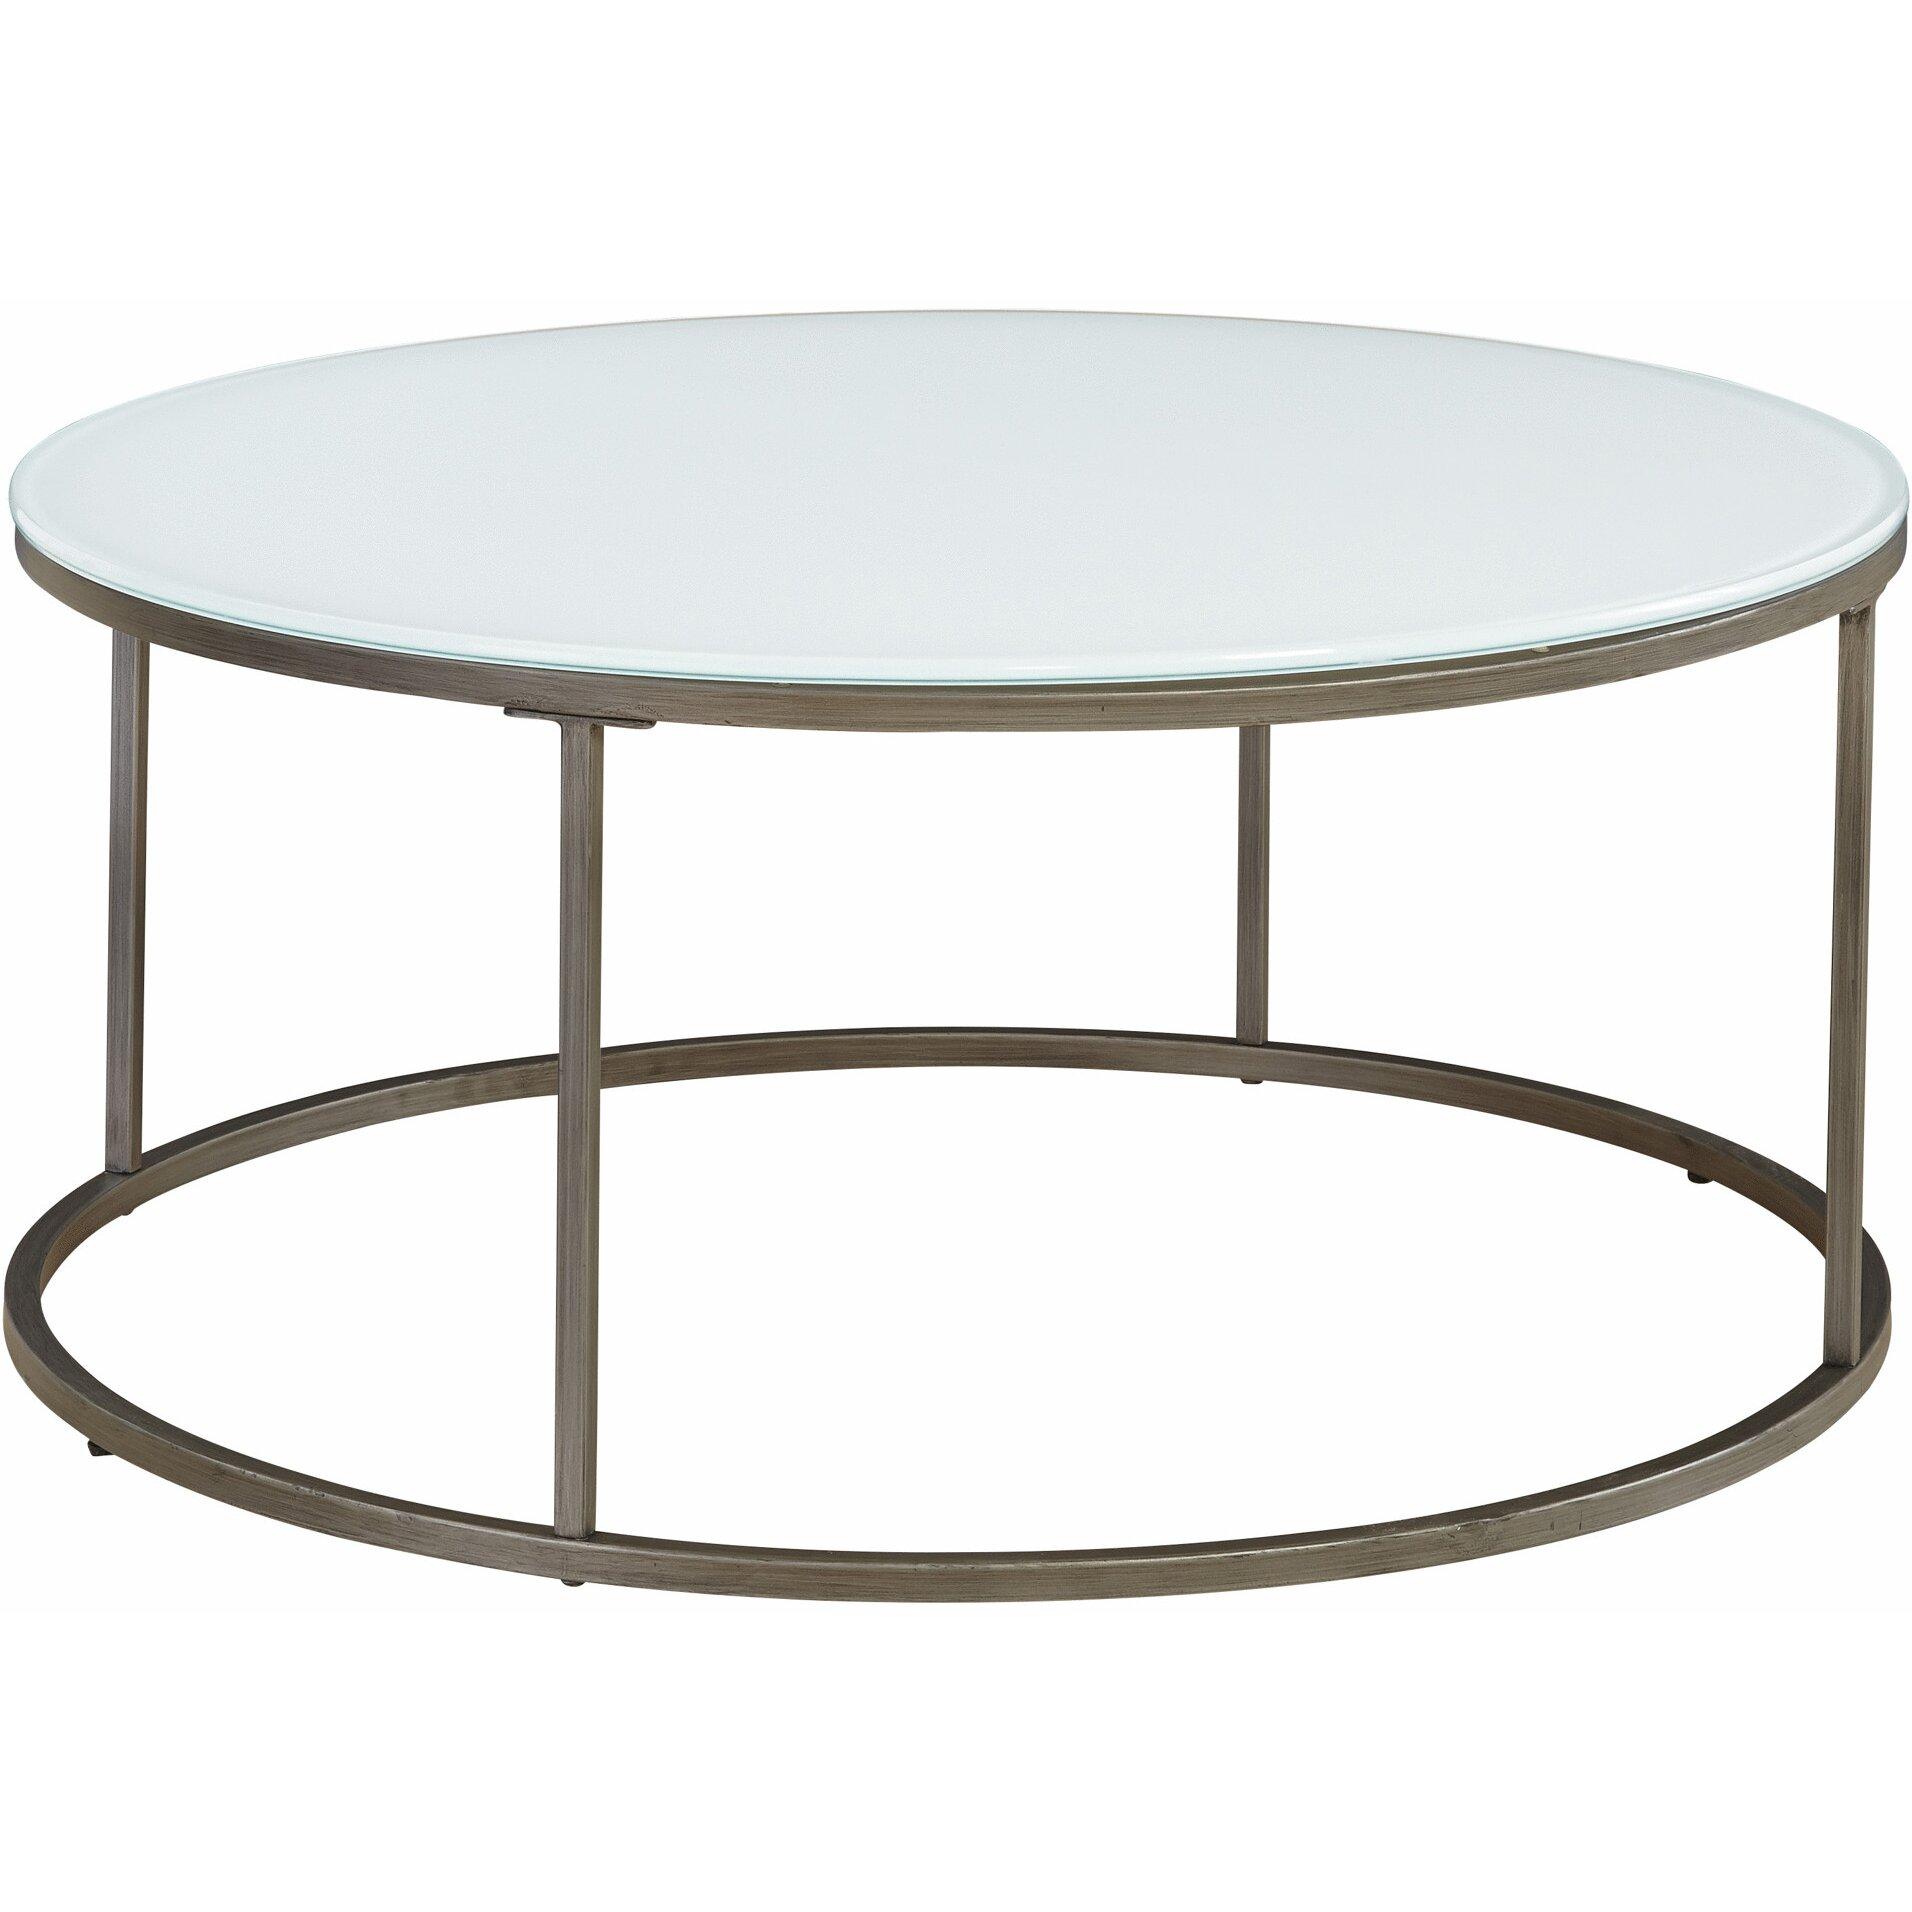 Round Table Coffee Latitude Run Alfreda Round Coffee Table Reviews Wayfair